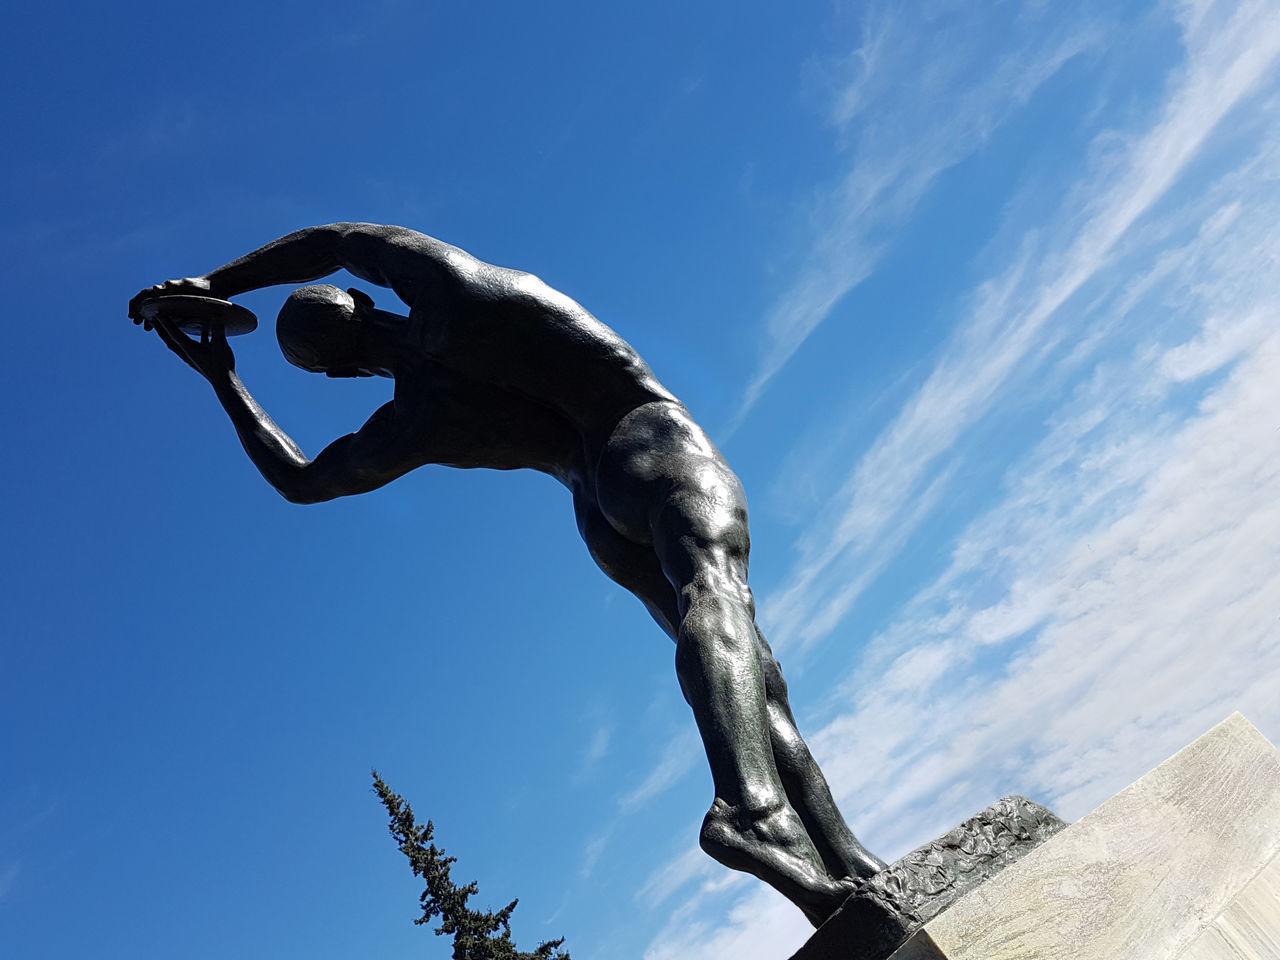 Discus Thrower, Kostas Dimitriadis (1924) 1st price in sculpture/Olympic Games 1924, Paris Art Bronze Culture Discus Thrower Move Olympicgames Sculpture Sky Statue Urban